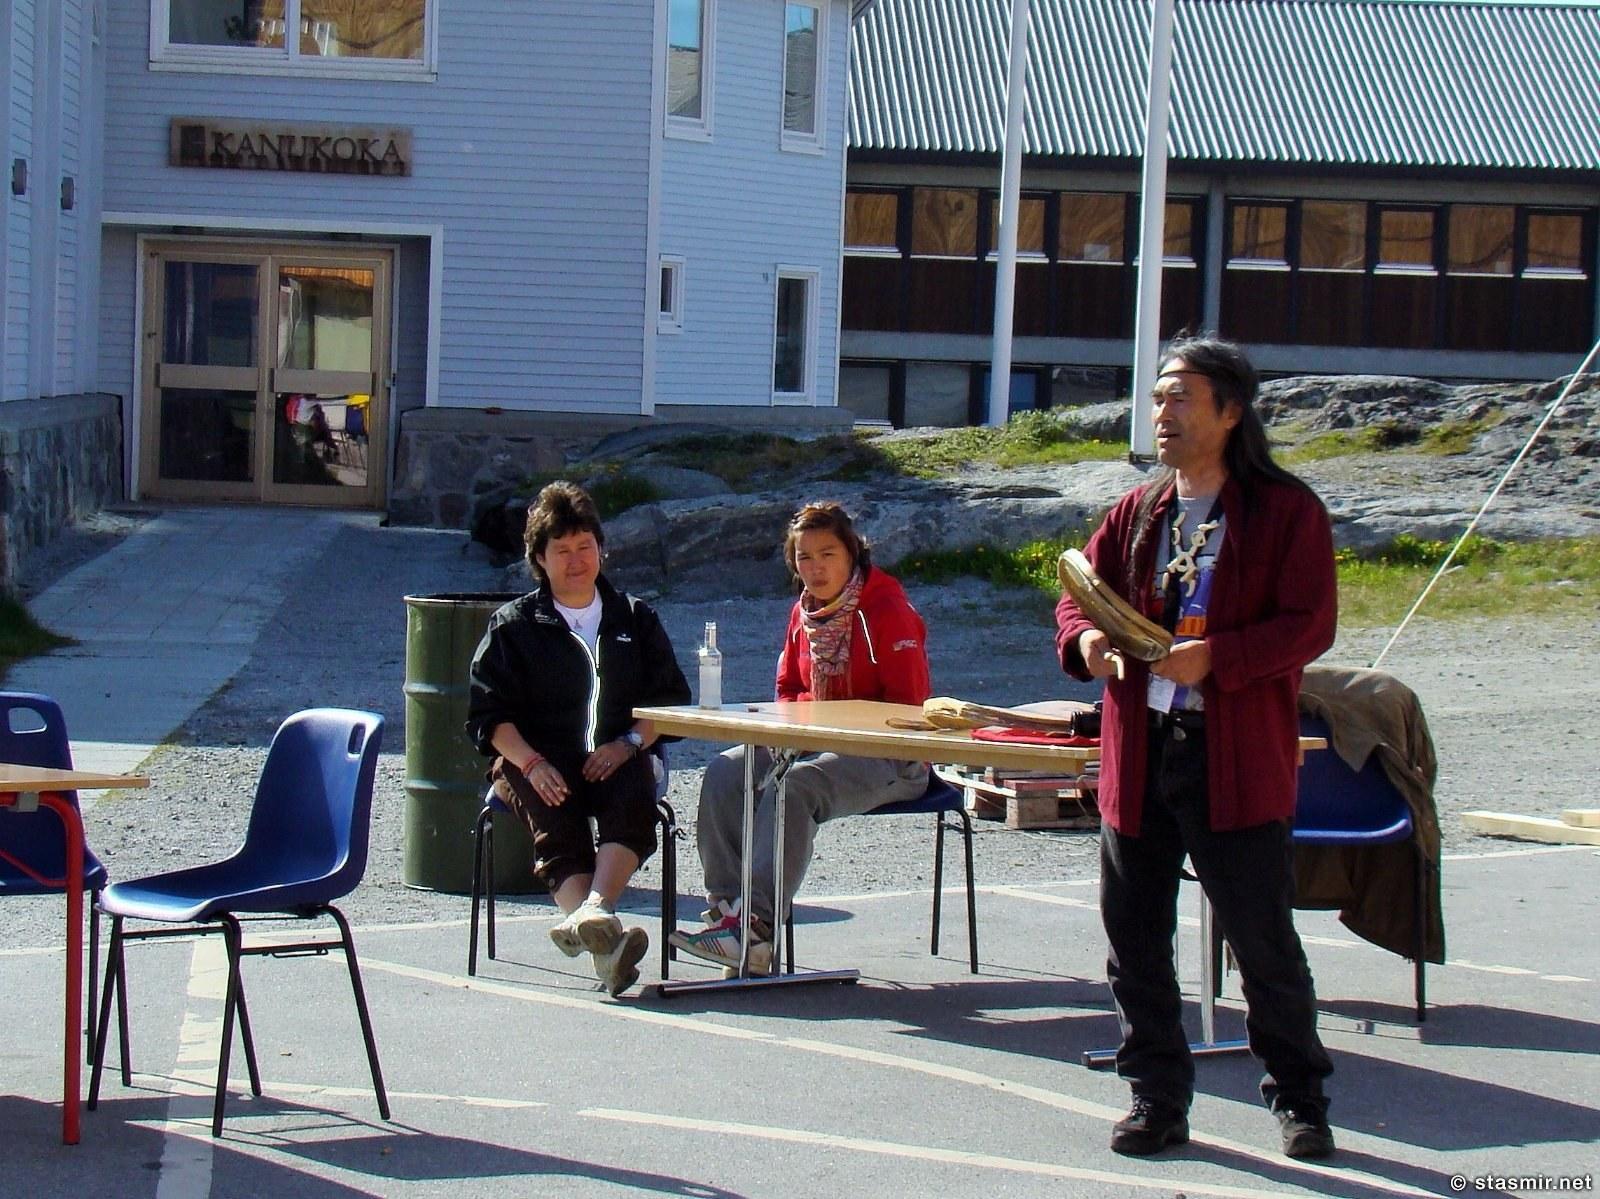 инуиты в Нууке, столице Гренландии, танец инуита, фото Стасмир, Photo Stasmir